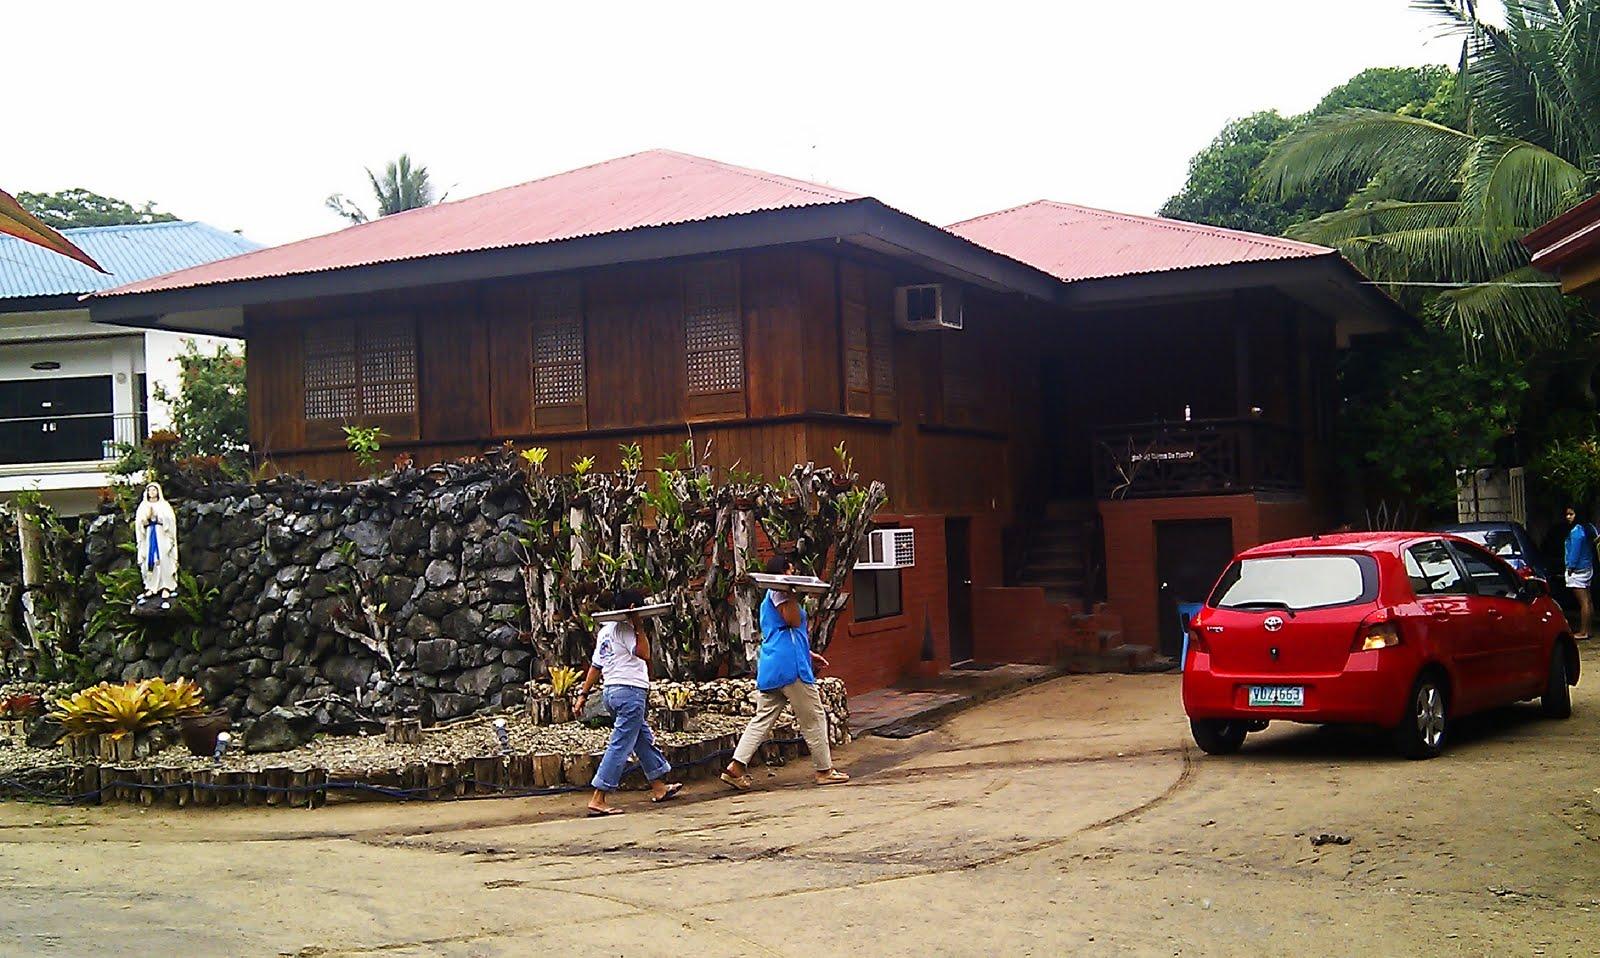 Roamaholic A Place to Stay at Laiya Batangas Kabayan Beach Resort